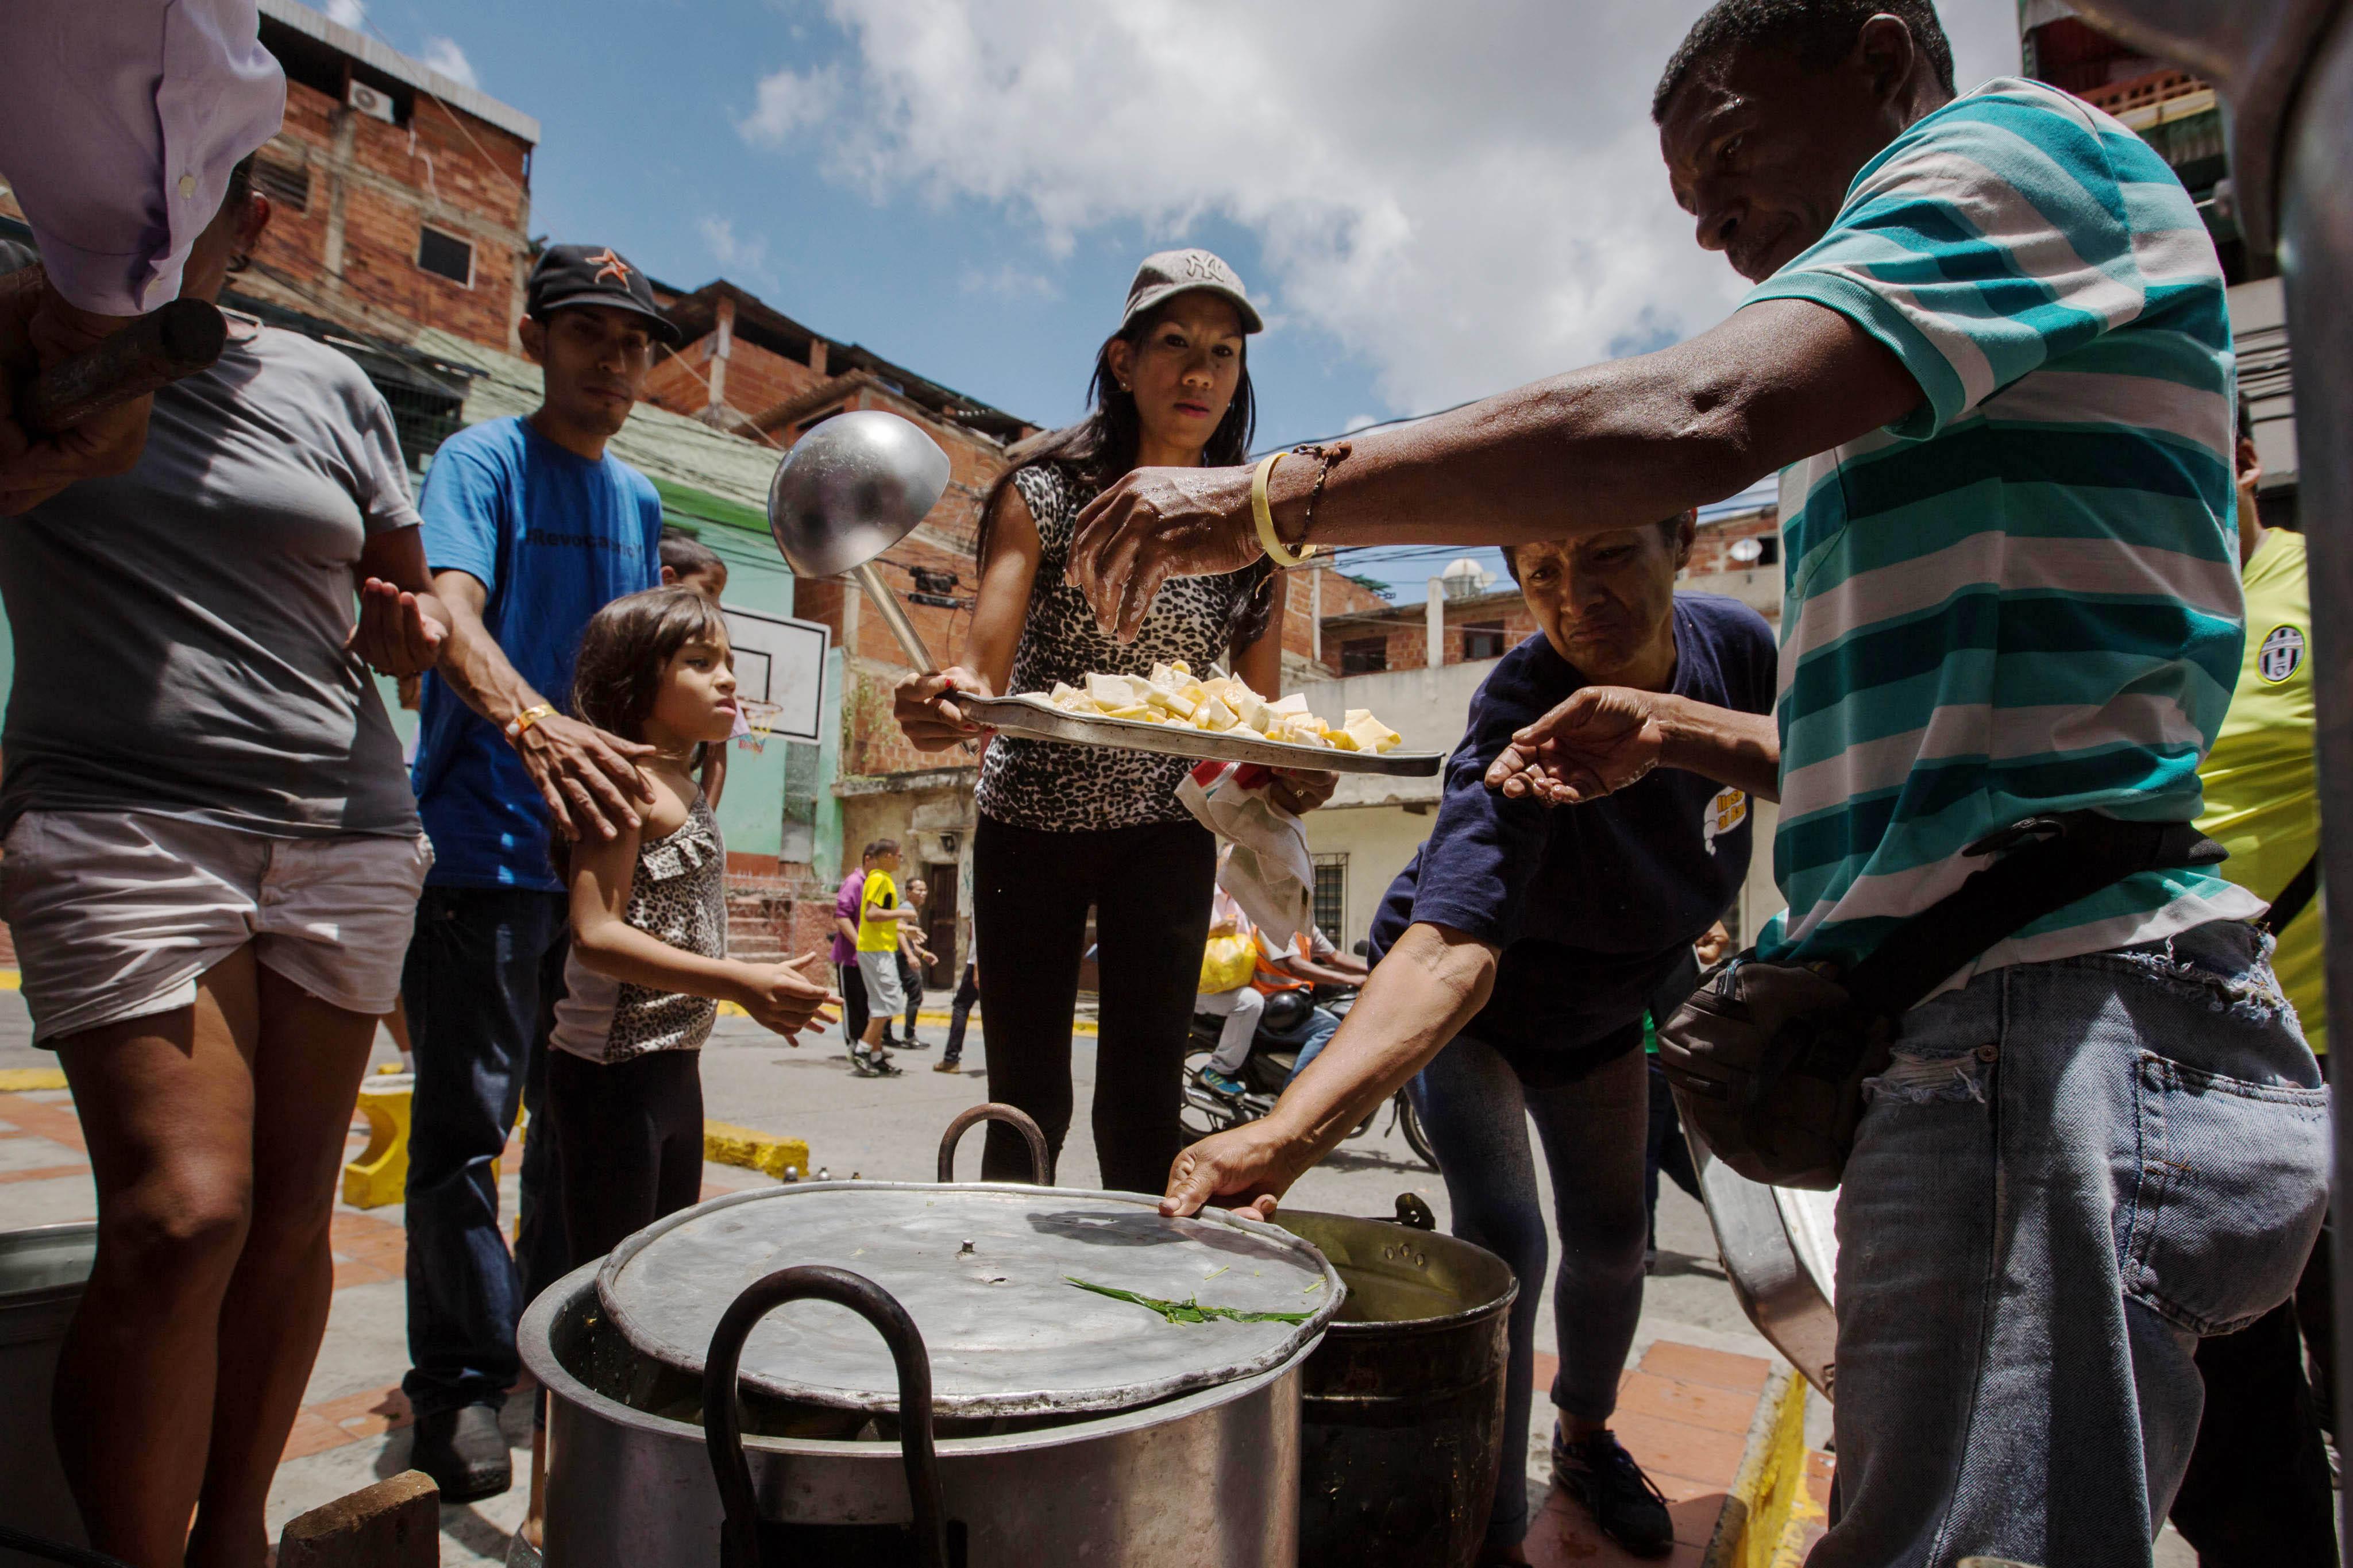 """CAR01. CARACAS (VENEZUELA), 10/09/2016.- Un grupo de personas preparan un sancocho hoy, s·bado 10 de septiembre del 2016, en la ciudad de Caracas (Venezuela). En el barrio la UniÛn, ubicado en la favela m·s grande de AmÈrica Latina asentada en el este de Caracas, se preparÛ hoy un gran """"sancocho"""" como se le conoce en Venezuela a la sopa cocinada con varios tipos de verduras y carnes, para alimentar a los vecinos, muchos de ellos con varios dÌas de hambre. EFE/MIGUEL GUTI…RREZ"""